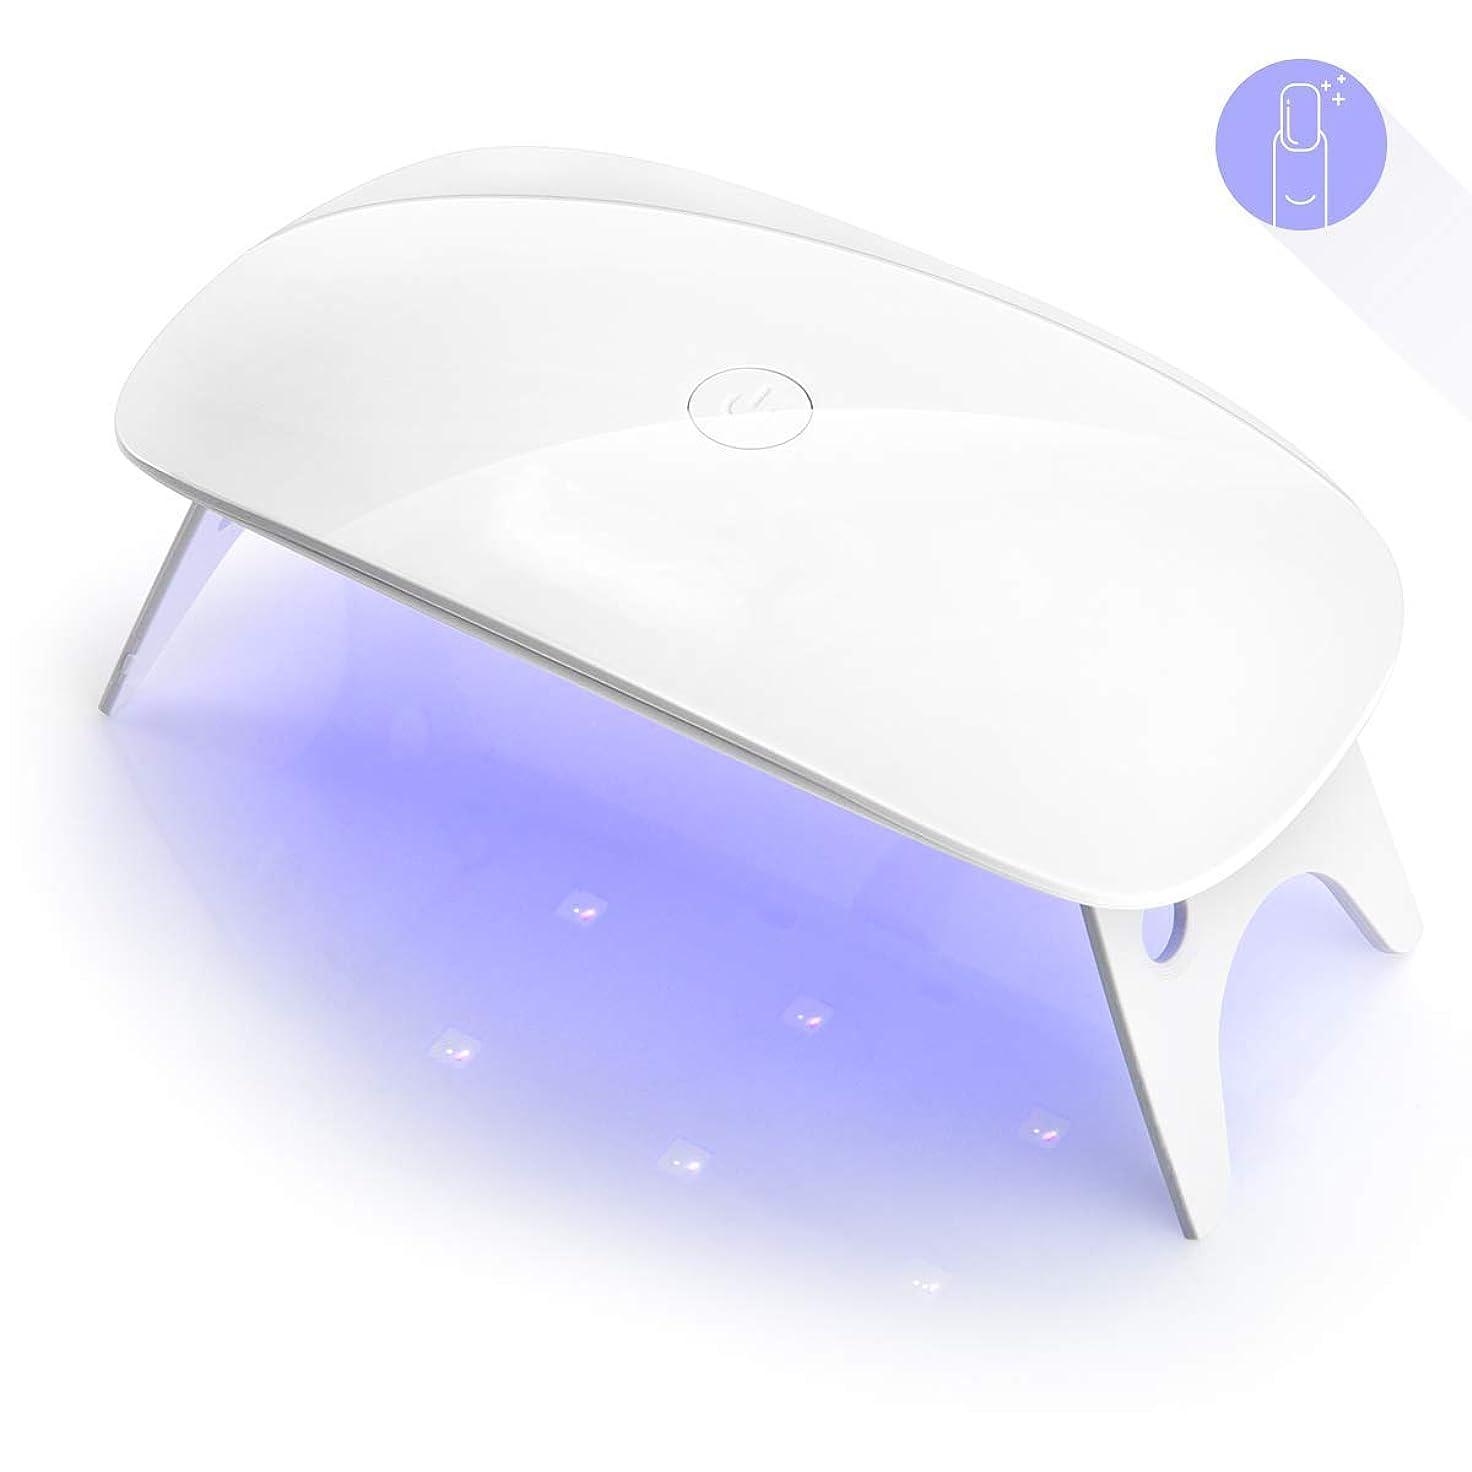 災難ナサニエル区アクションZMiw LEDネイルドライヤー UVライト タイマー設定可能 折りたたみ式手足とも使える 人感センサー式 LED 硬化ライト UV と LEDダブルライト ジェルネイル用 ホワイト (white)